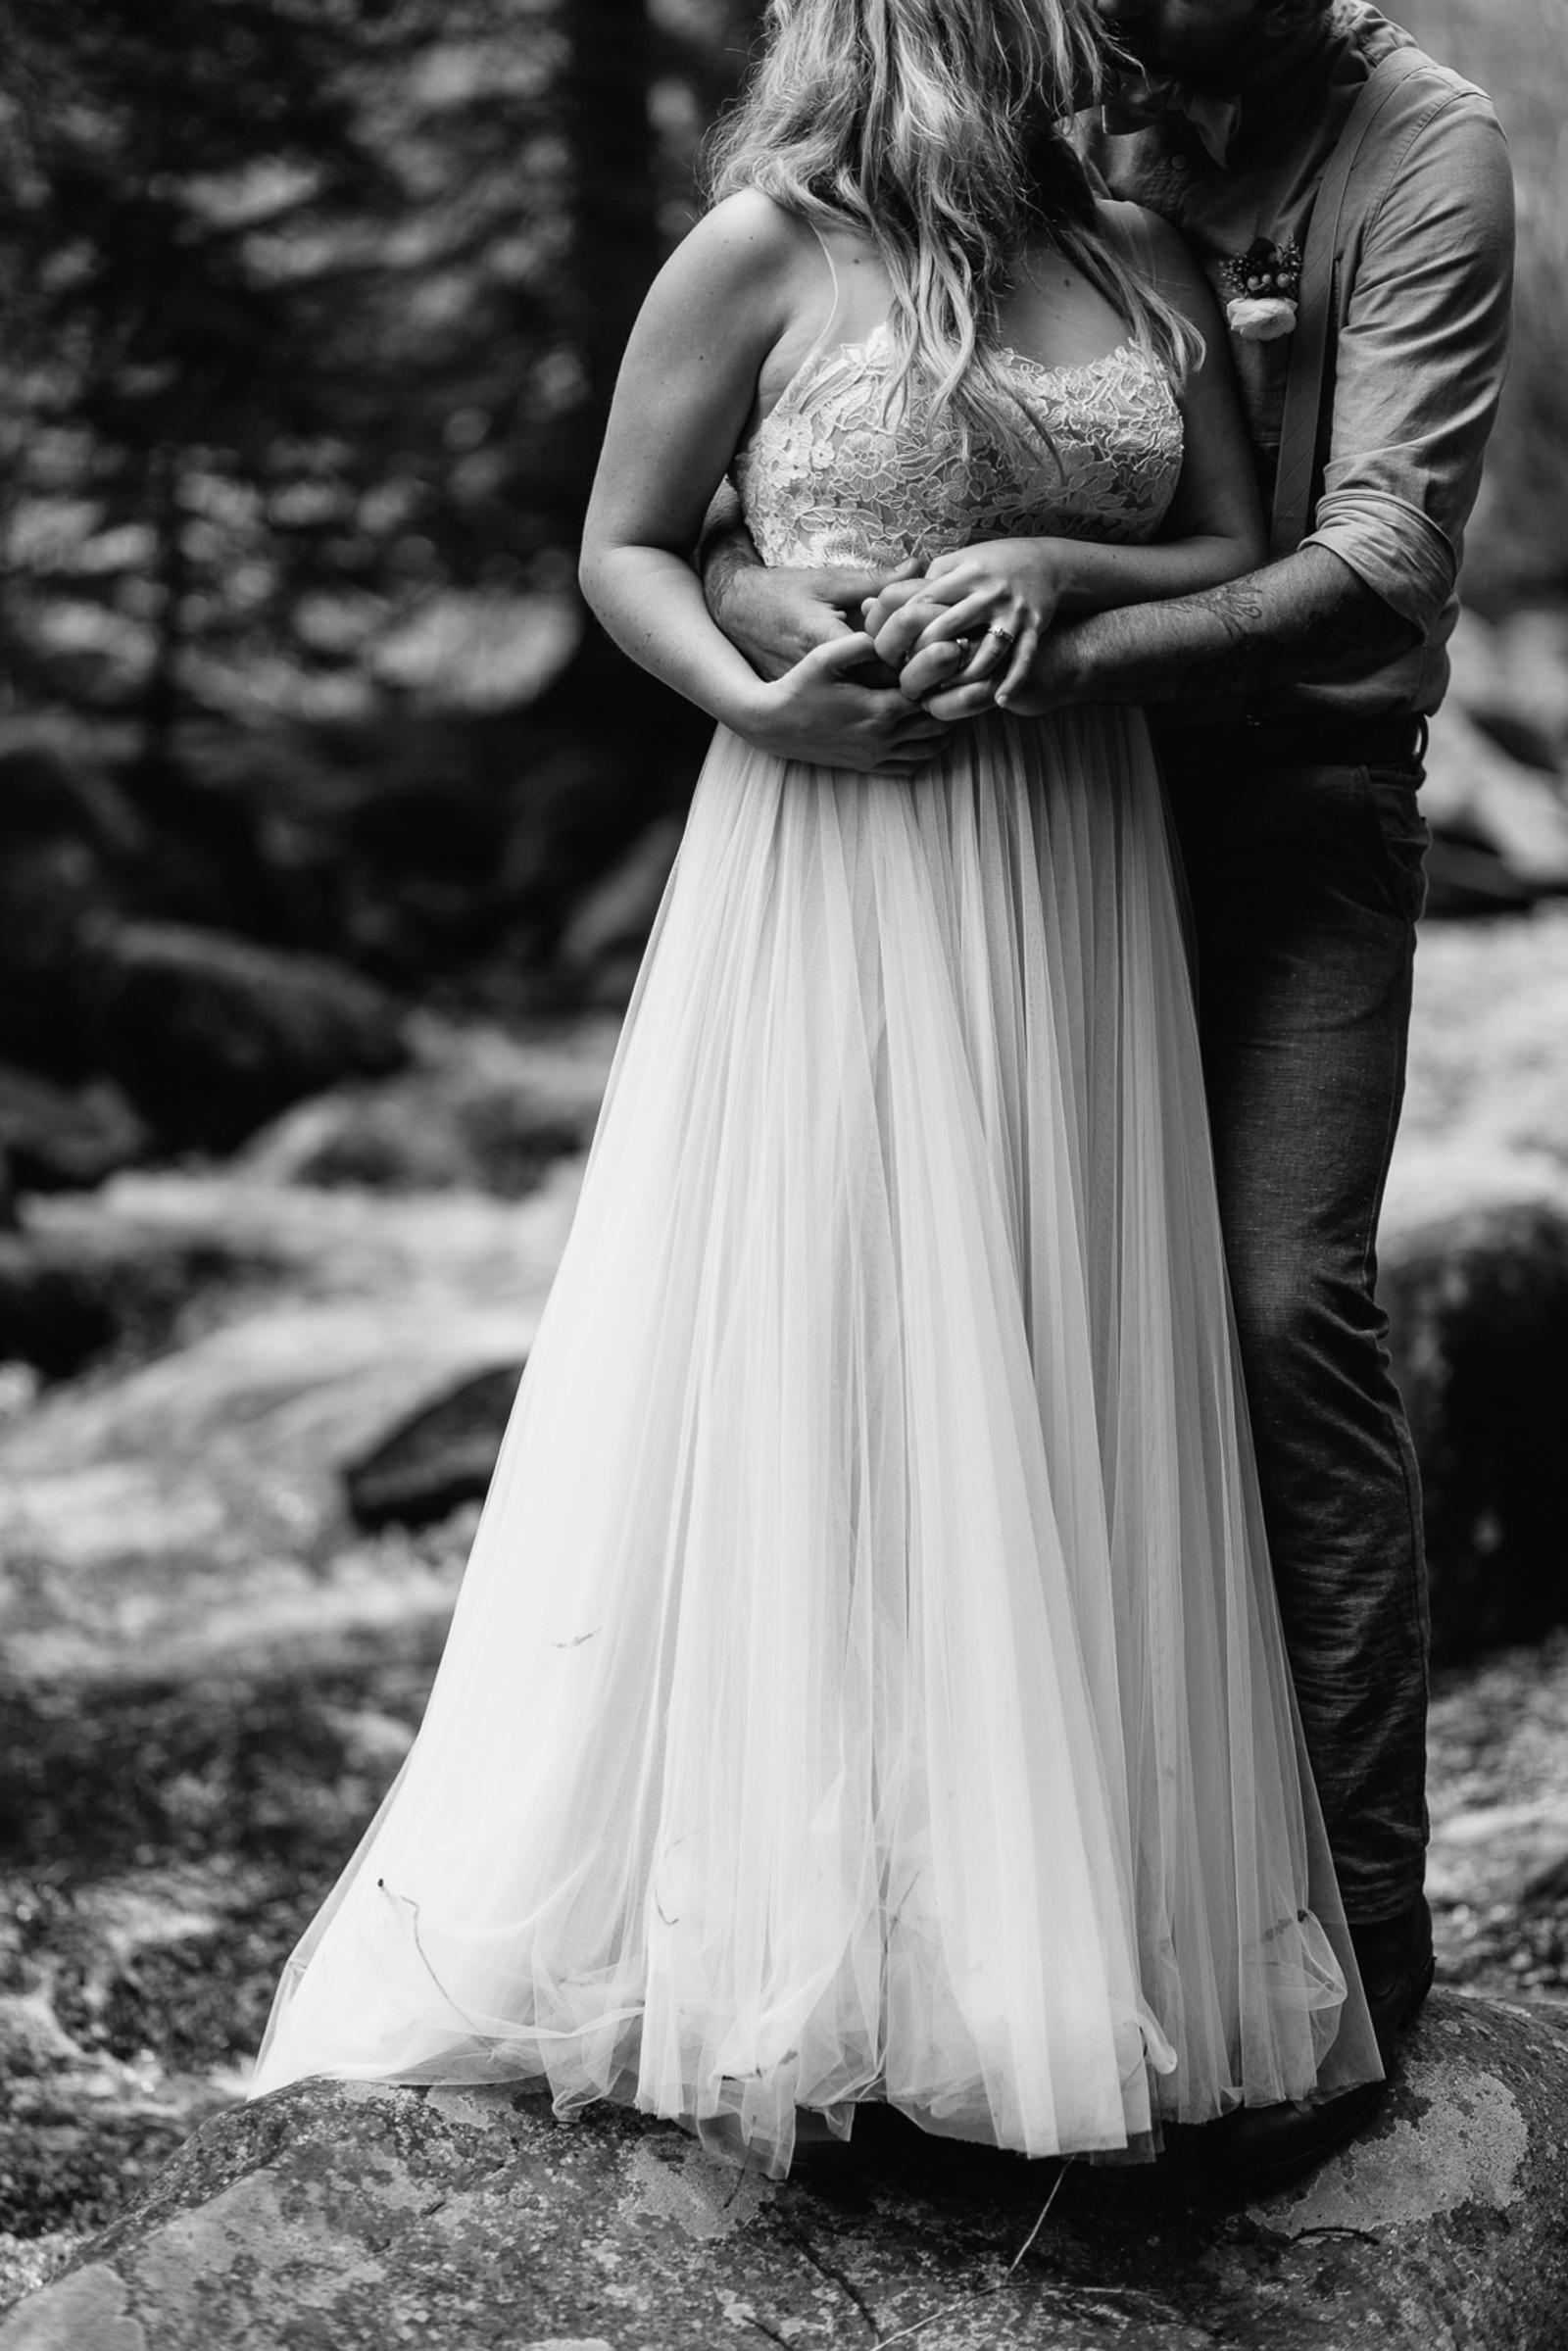 073-vail-elopement-photographer-chris-and-tara.jpg